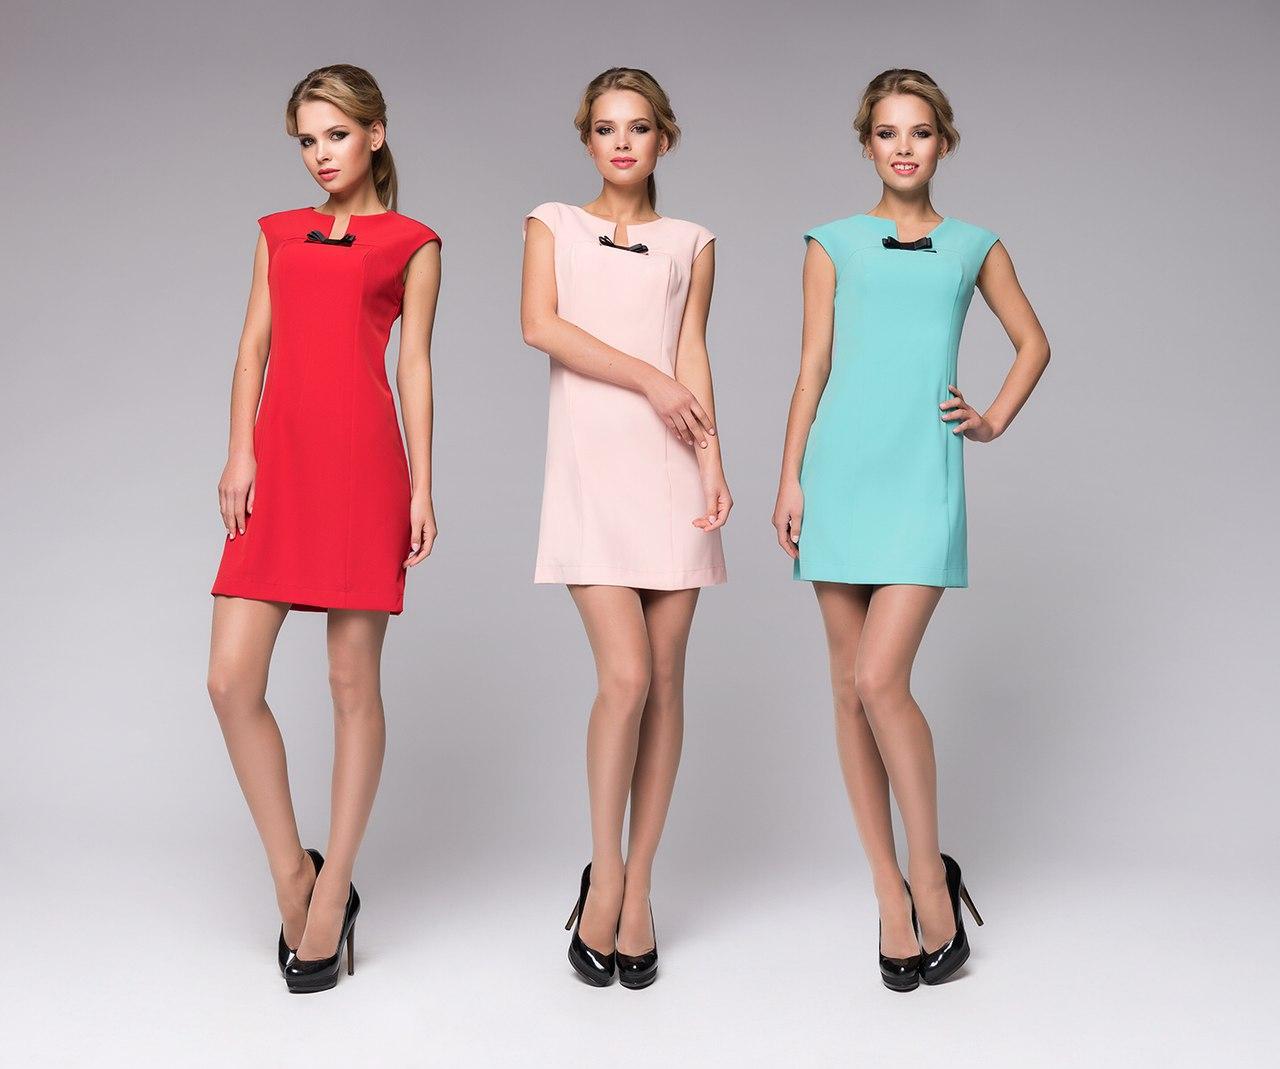 EUROLADY (Евроледи): Скидки на женскую одежду